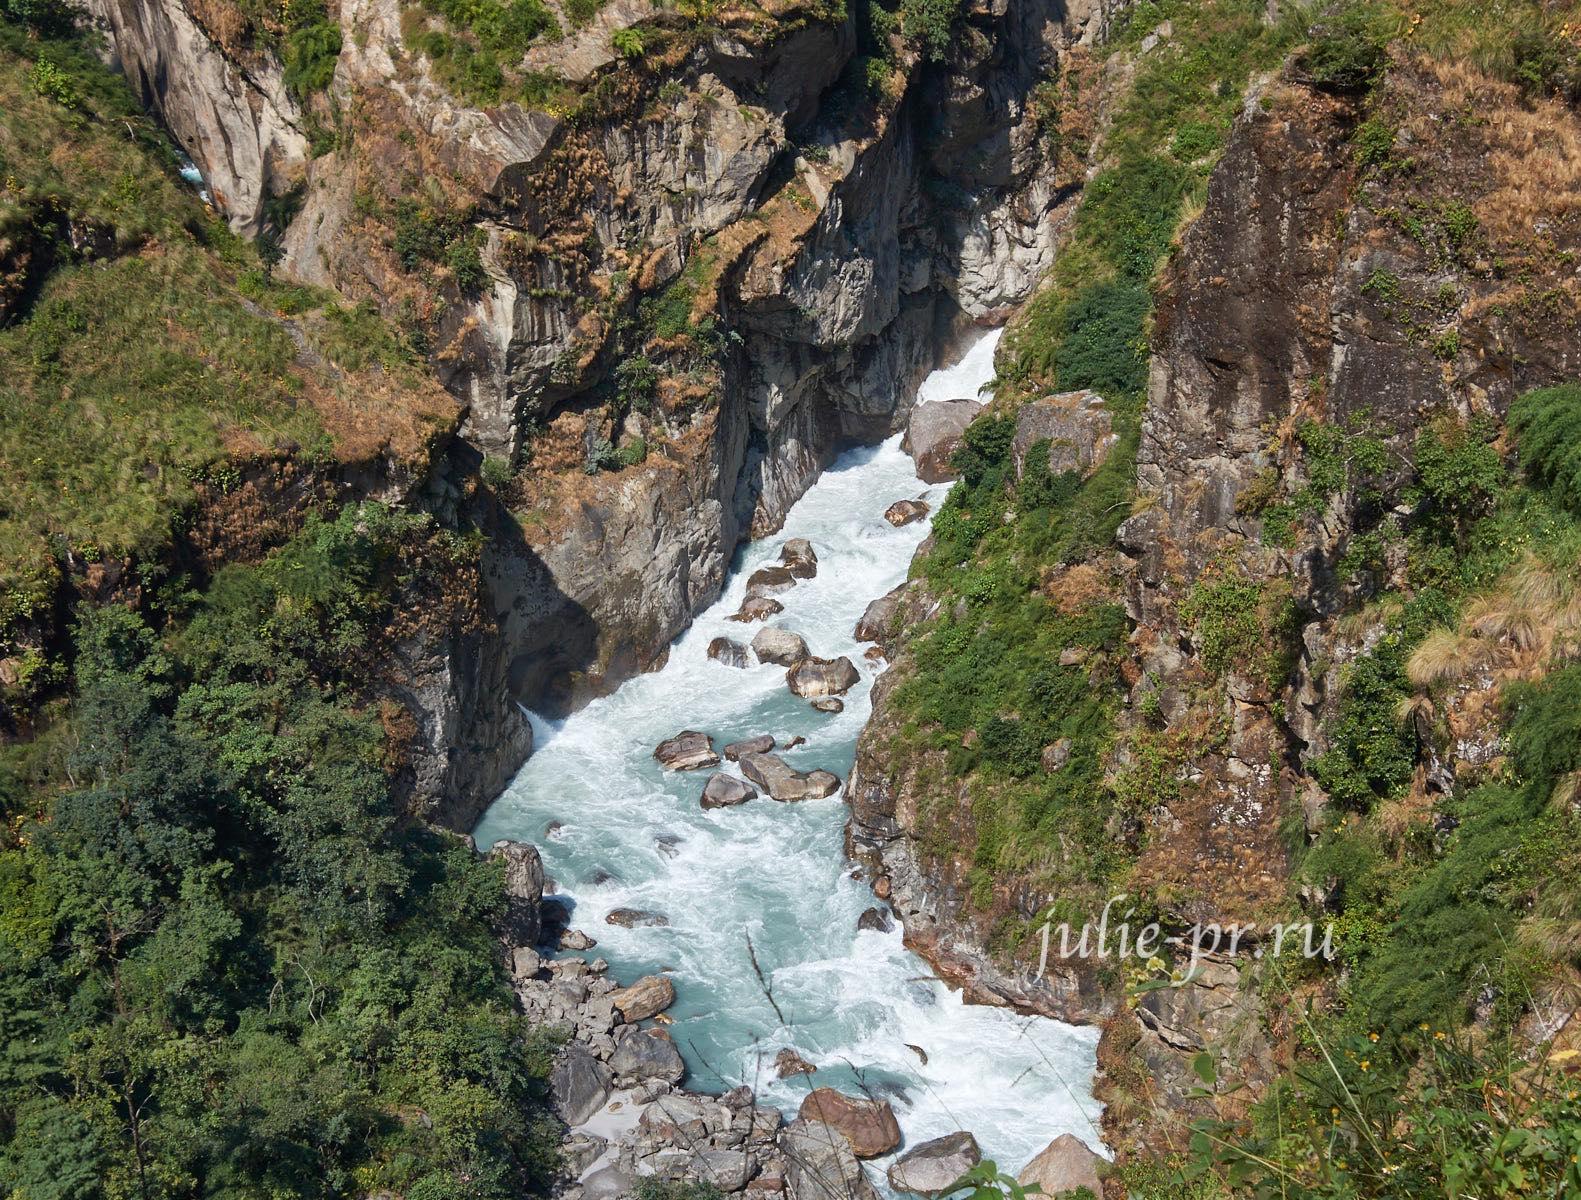 Непал, Трек вокруг Аннапурны, река Марсъянди